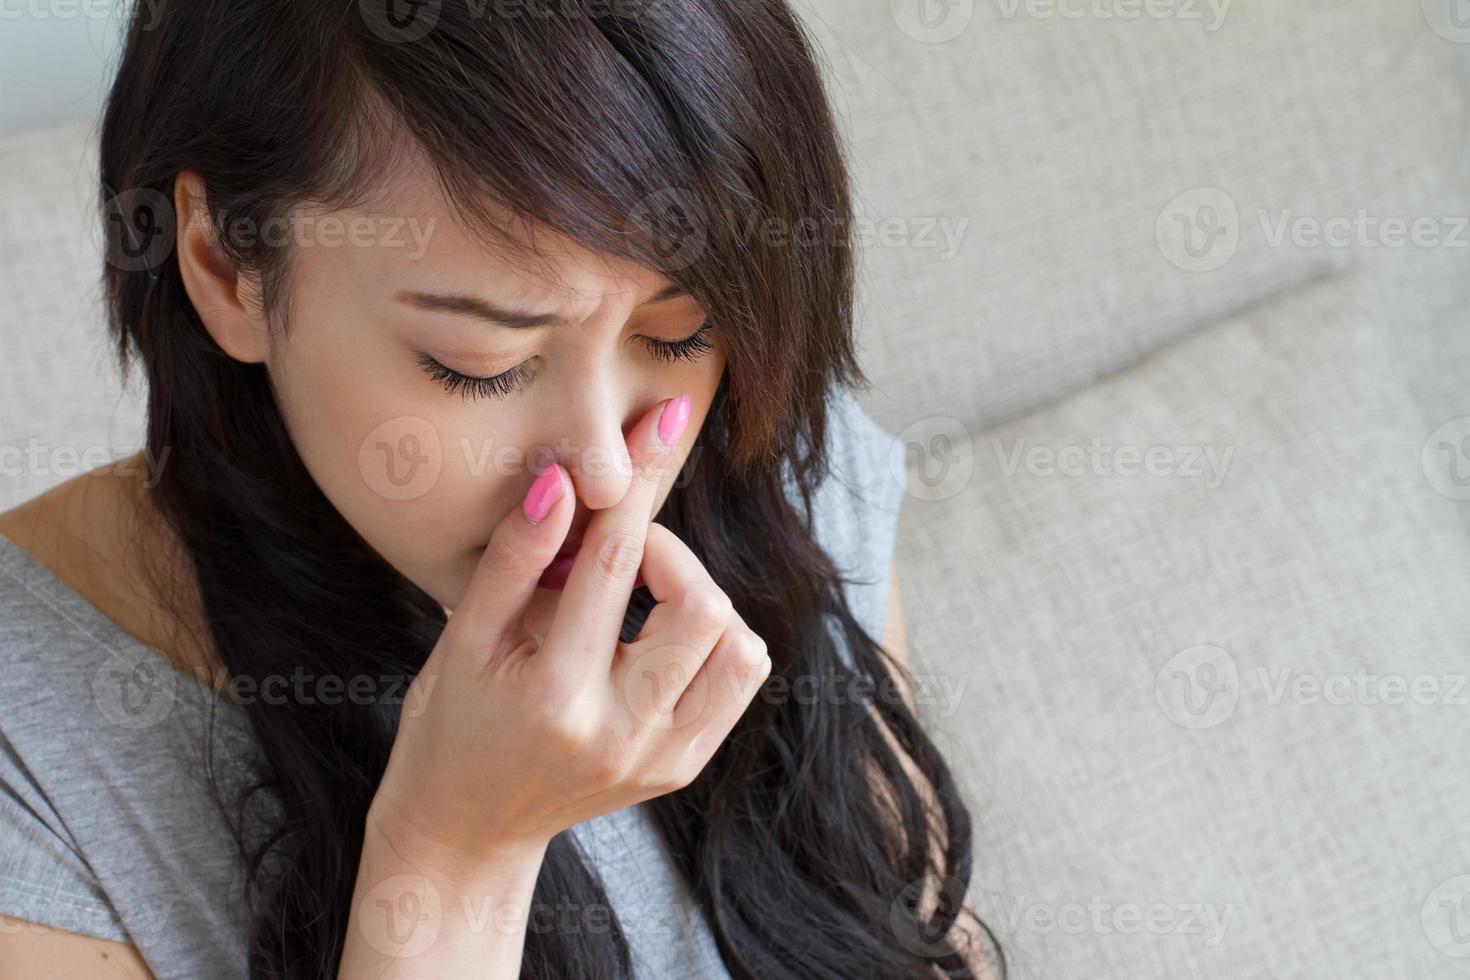 donna malata soffre di influenza, raffreddore, naso che cola, caucasico asiatico foto